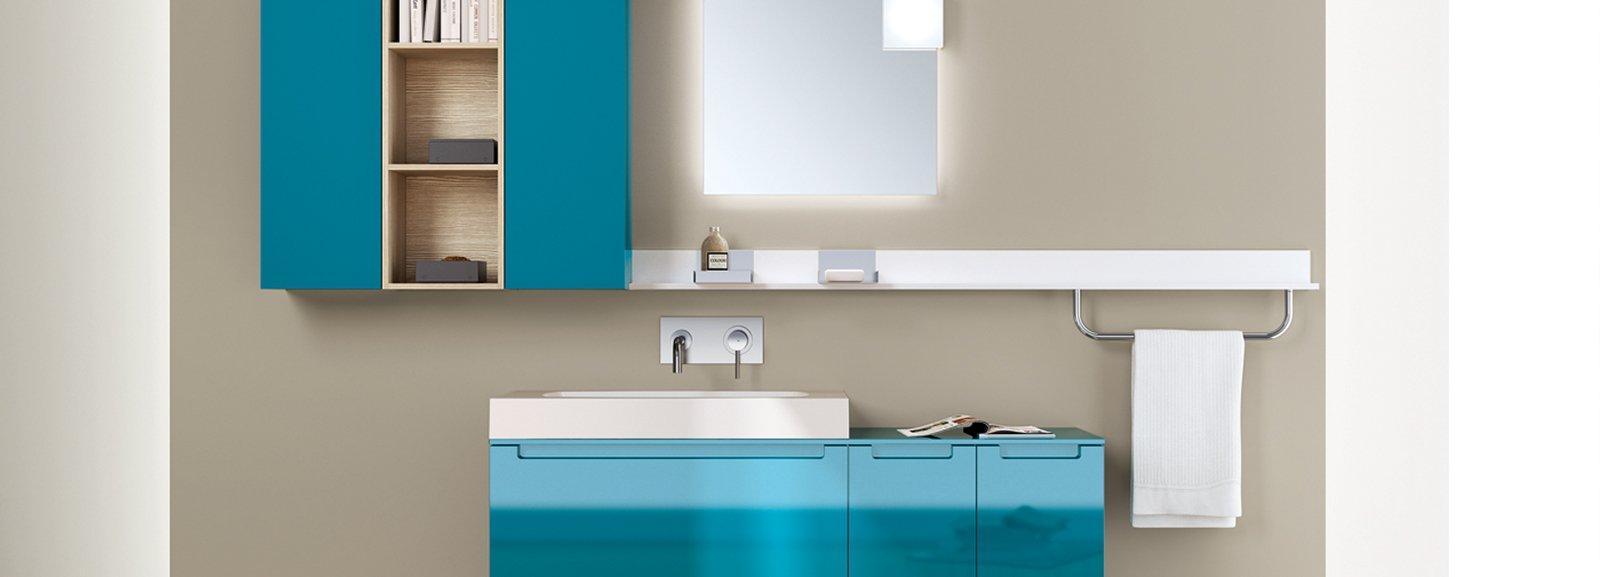 Lavabo mobile cose di casa - Maison du monde mobili bagno ...